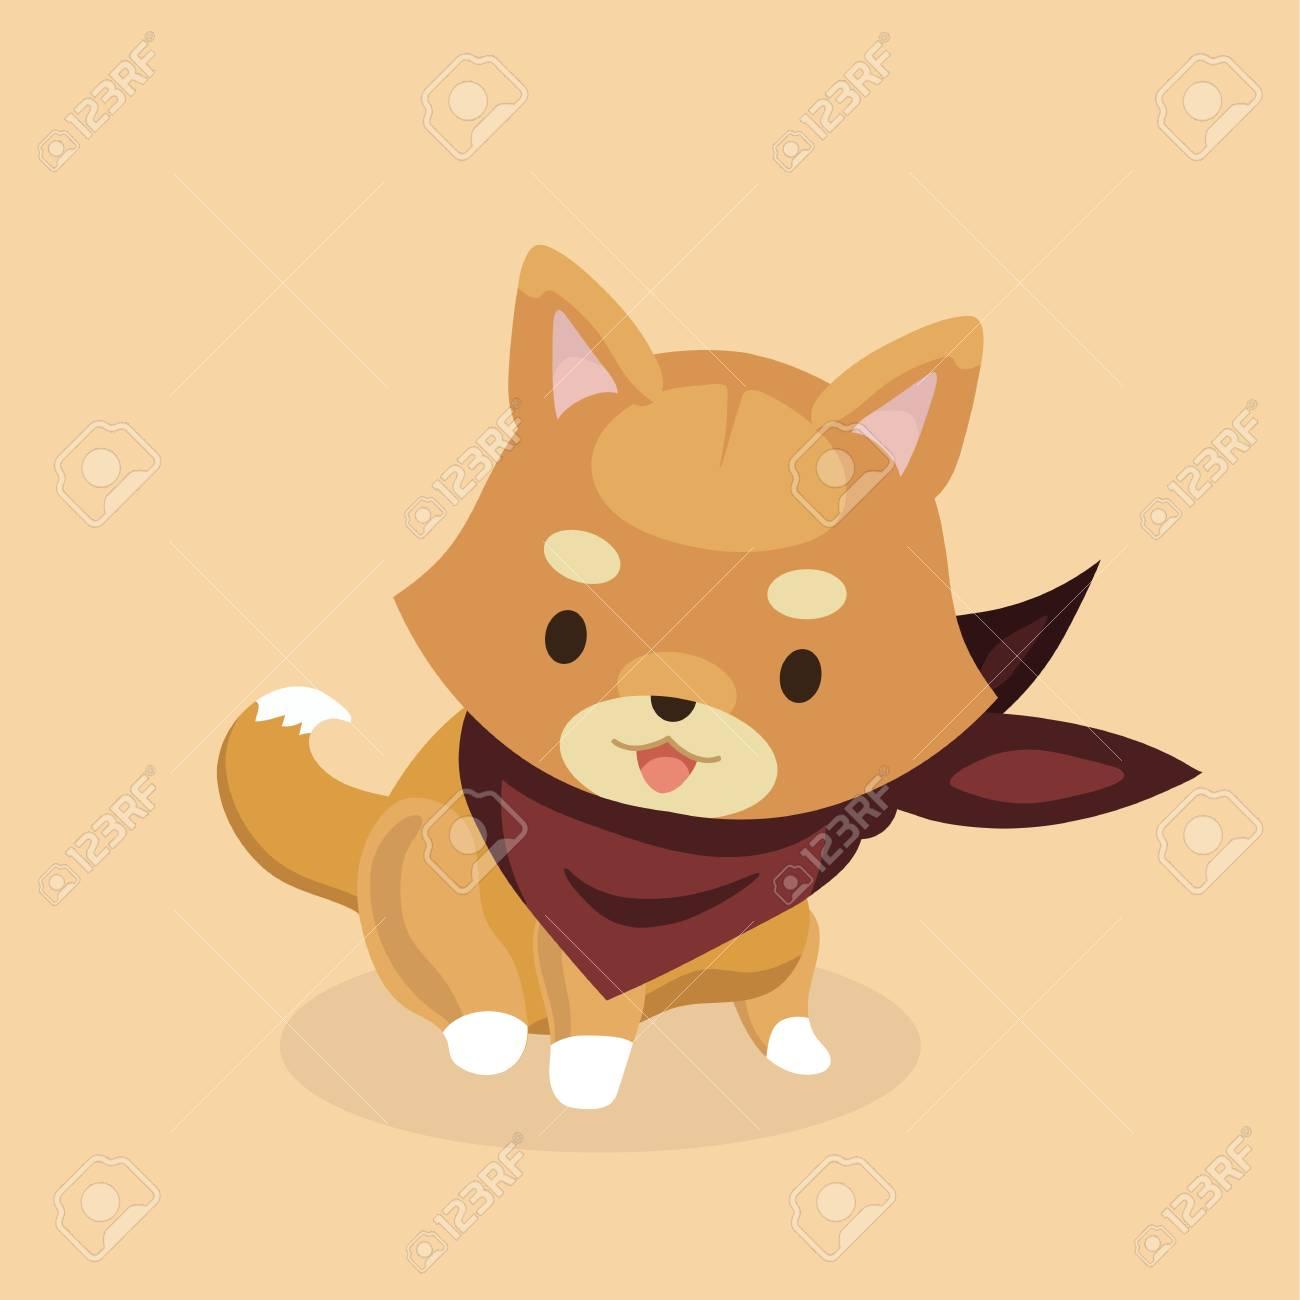 かわいい柴犬犬のベクター イラストですのイラスト素材ベクタ